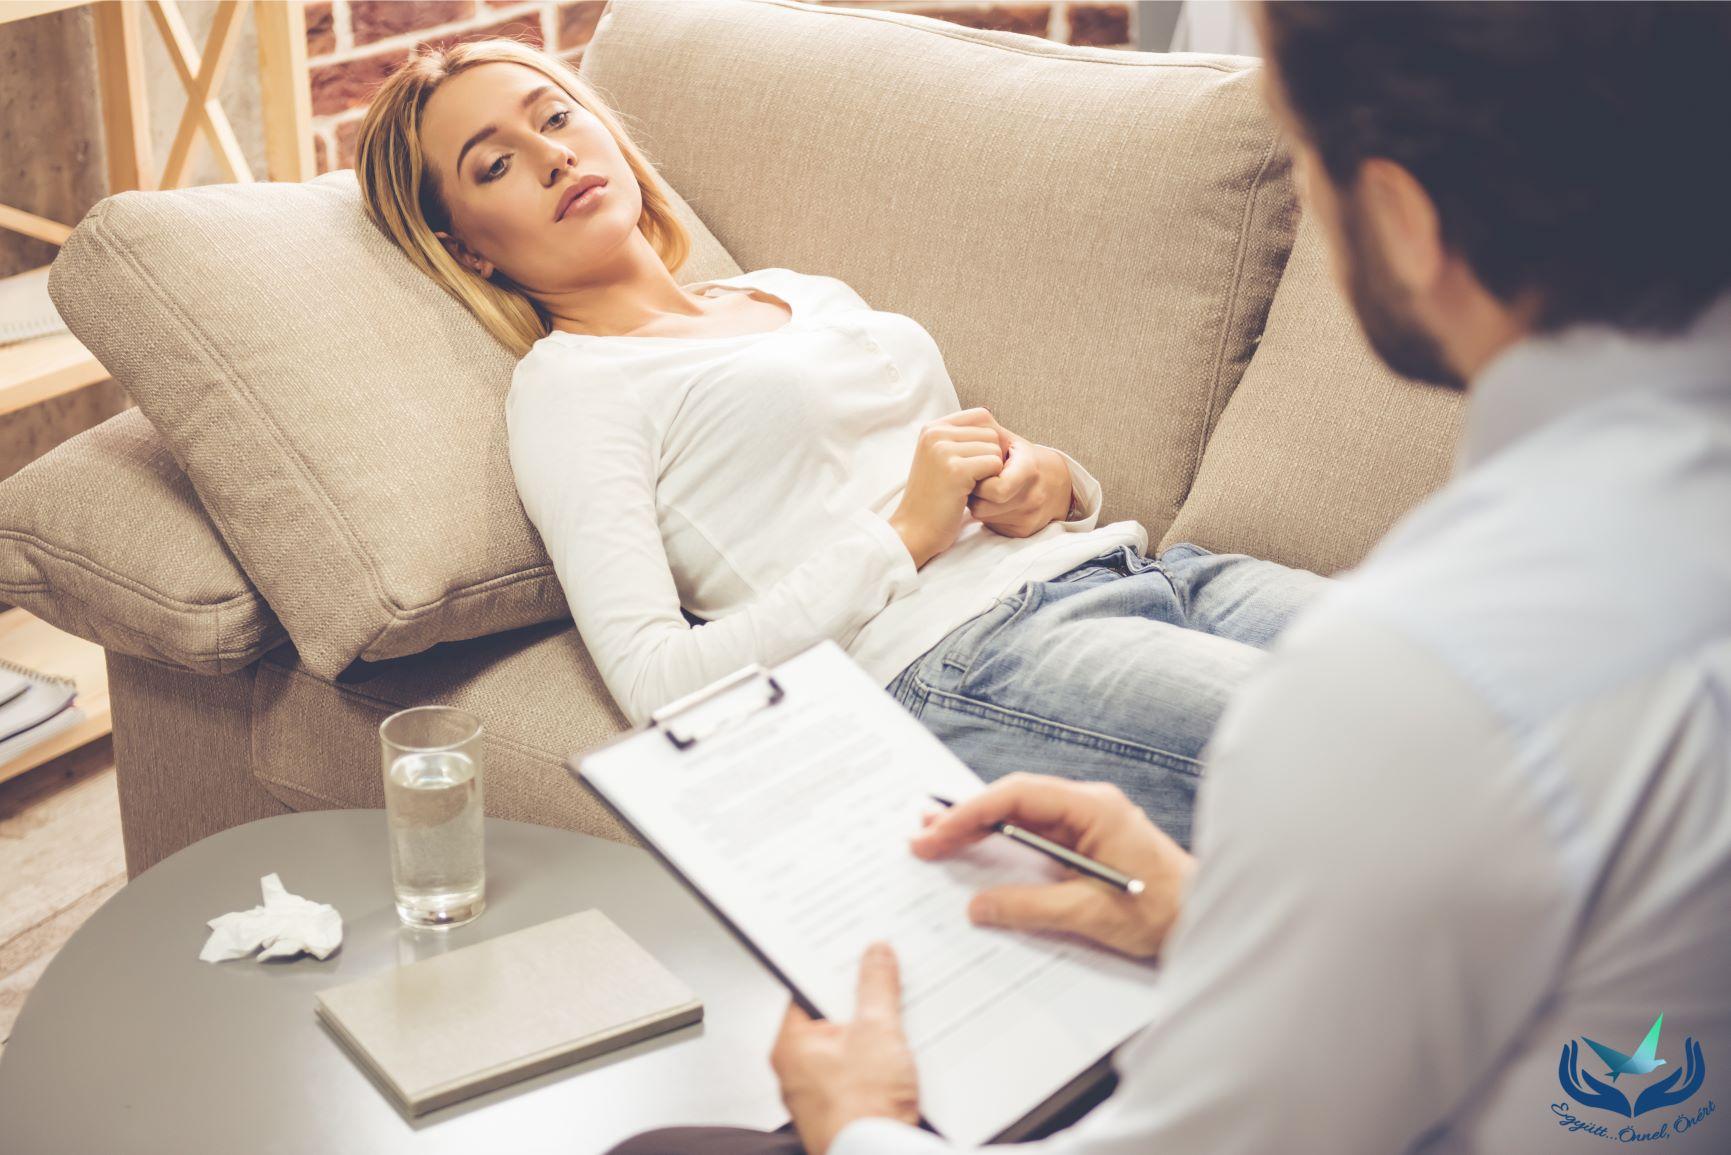 Gyakori kérdések a pszichoterápiáról… mit érdemes tudni  a pszichológus-kliens viszonyról?